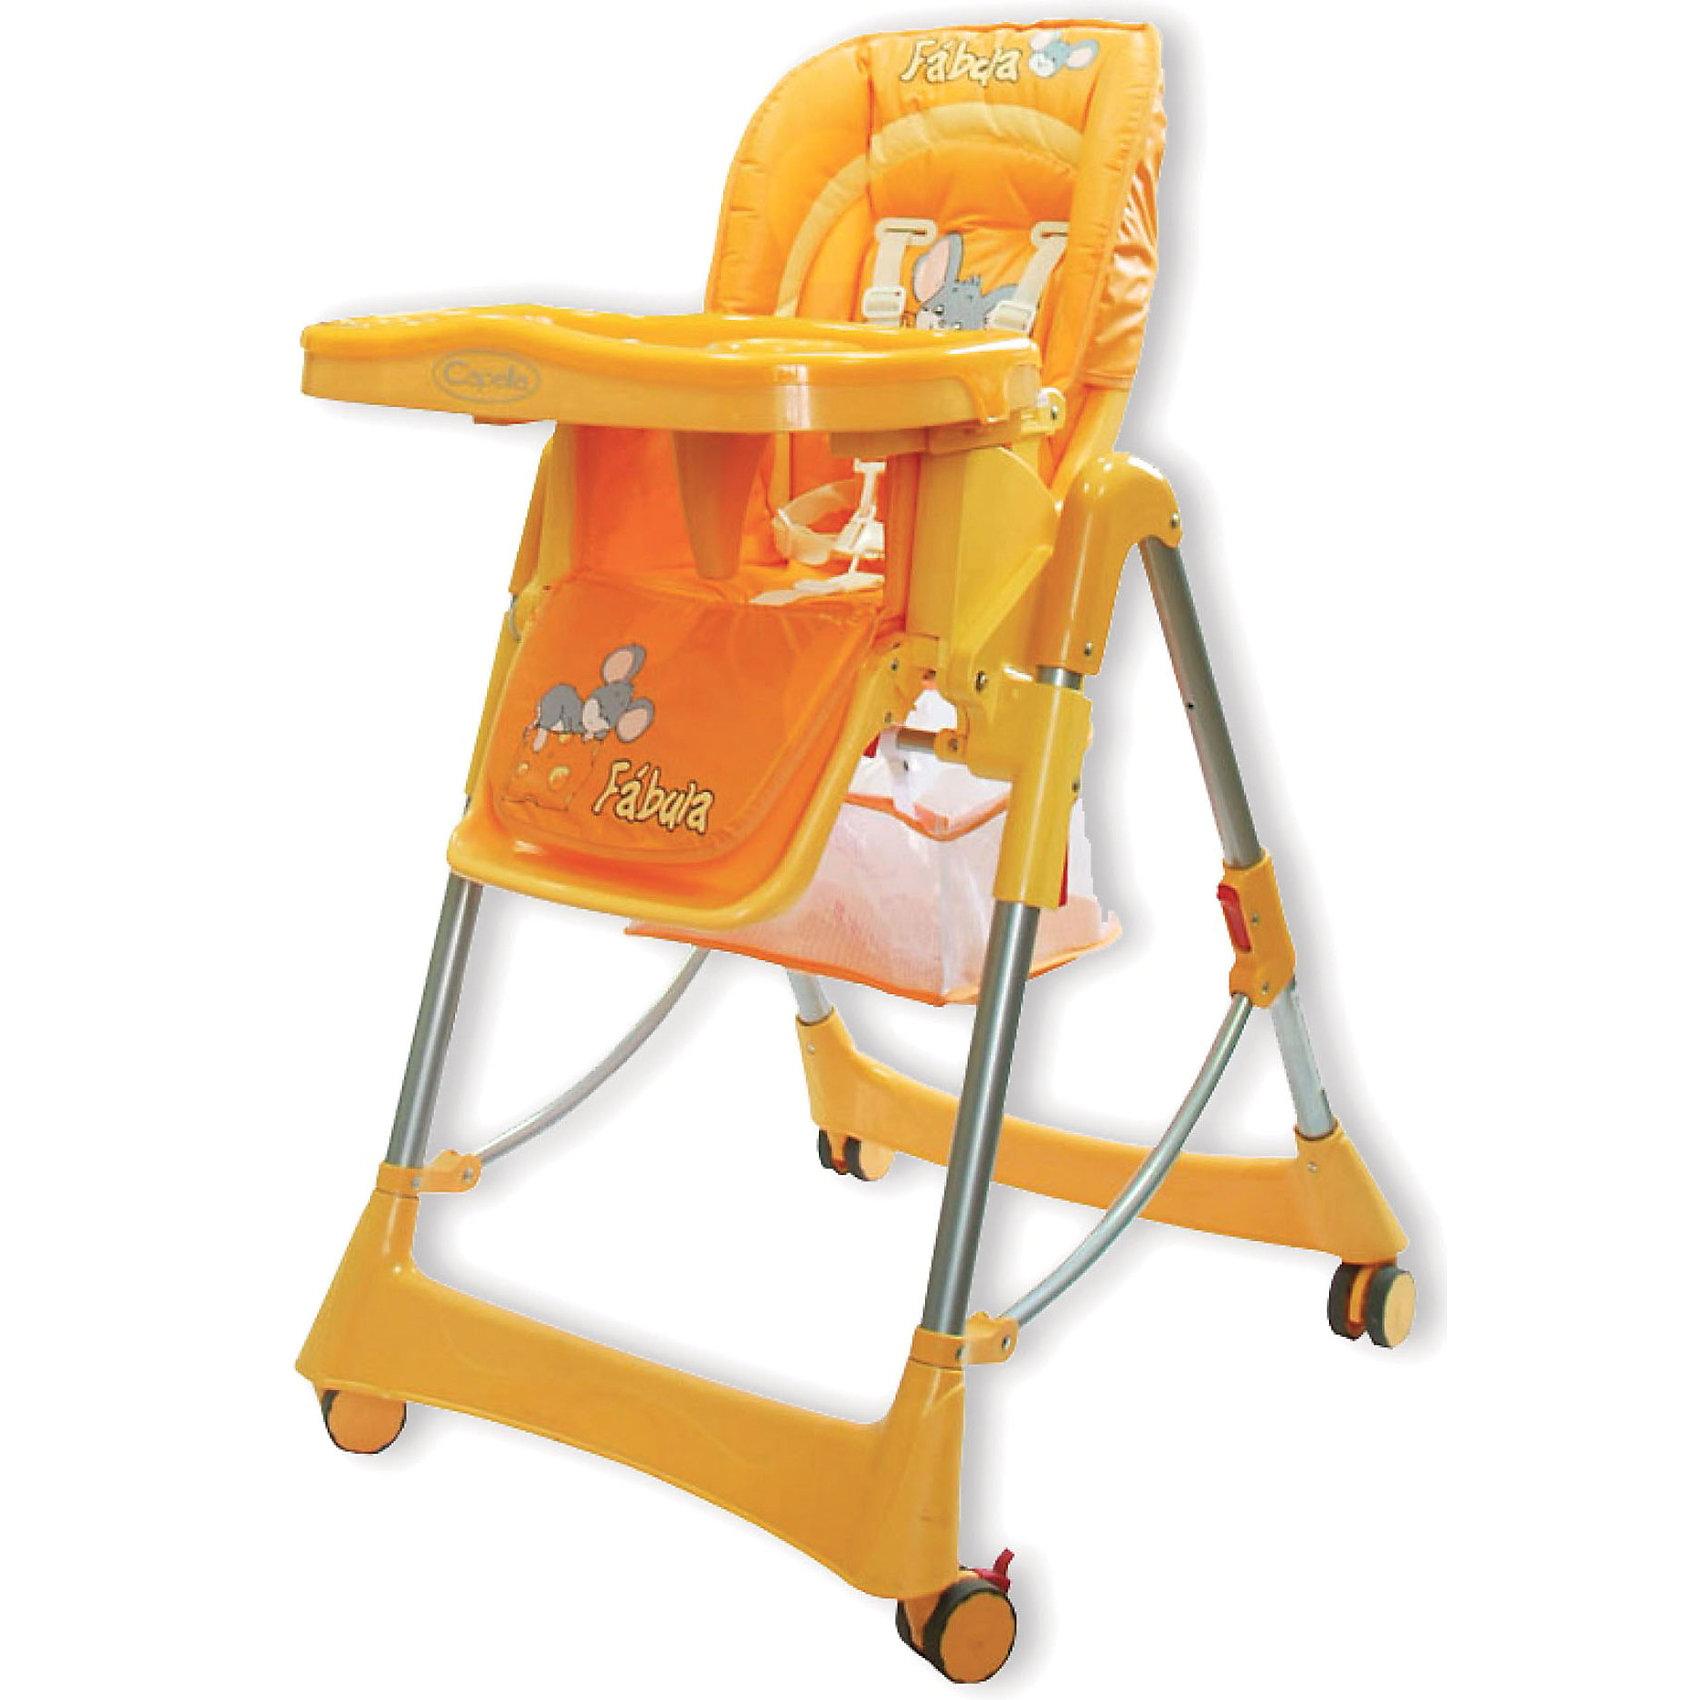 Стульчик для кормления Piero Fabula Horse, Jetem, оранжевыйКомфортный стул для кормления Piero Fabula Horse от Jetem (Жетем) поможет сделать кормление малыша приятным и безопасным. Стульчик выполнен в ярком привлекательном дизайне с изображениями забавной лошадки. <br><br>Рама с поперечной перекладиной обеспечивает максимальную устойчивость. Мягкое комфортное сиденье имеет спинку, у которой регулируются высота (6 уровней) и угол наклона (3 положения) в зависимости от потребностей ребенка. Стульчик оснащен 5-точечными ремнями безопасности и ограничителем, которые крепко удержат малыша и не позволят<br>соскользнуть вперед. Регулируемая подставка для ножек обеспечит ребенку надежную опору. У стульчика высокие бортики, столик также регулируется по высоте. Съемная столешница имеет 3 положения глубины, есть отверстие для стакана.<br><br>Имеется дополнительная съемная прозрачная столешница, сетка для игрушек. Прорезиненные колеса с тормозами предотвращают царапины на напольном покрытии. Клеенчатая обивка легко моется. Стульчик легко и компактно складывается и не занимает много места. Стульчик рекомендуется использовать от 4 -9 мес. до 3 лет, максимальный вес - 15 кг.<br><br>Дополнительная информация:<br><br>- Цвет: оранжевый.<br>- Материал: пластик, ткань. <br>- Размер в разложенном состоянии: 125 х 60 х 65 см.<br>- Высота спинки стульчика: 58 см.<br>- Ширина сидения: 29 см.<br>- Глубина сидения: 28 см.<br>- Размер упаковки: 54 х 29 х 7 см. <br>- Вес: 10,5 кг. <br><br>Стул для кормления Piero Fabula Horse, Jetem (Жетем) можно купить в нашем интернет-магазине.<br><br>Ширина мм: 700<br>Глубина мм: 280<br>Высота мм: 550<br>Вес г: 10500<br>Возраст от месяцев: 6<br>Возраст до месяцев: 36<br>Пол: Унисекс<br>Возраст: Детский<br>SKU: 3618042